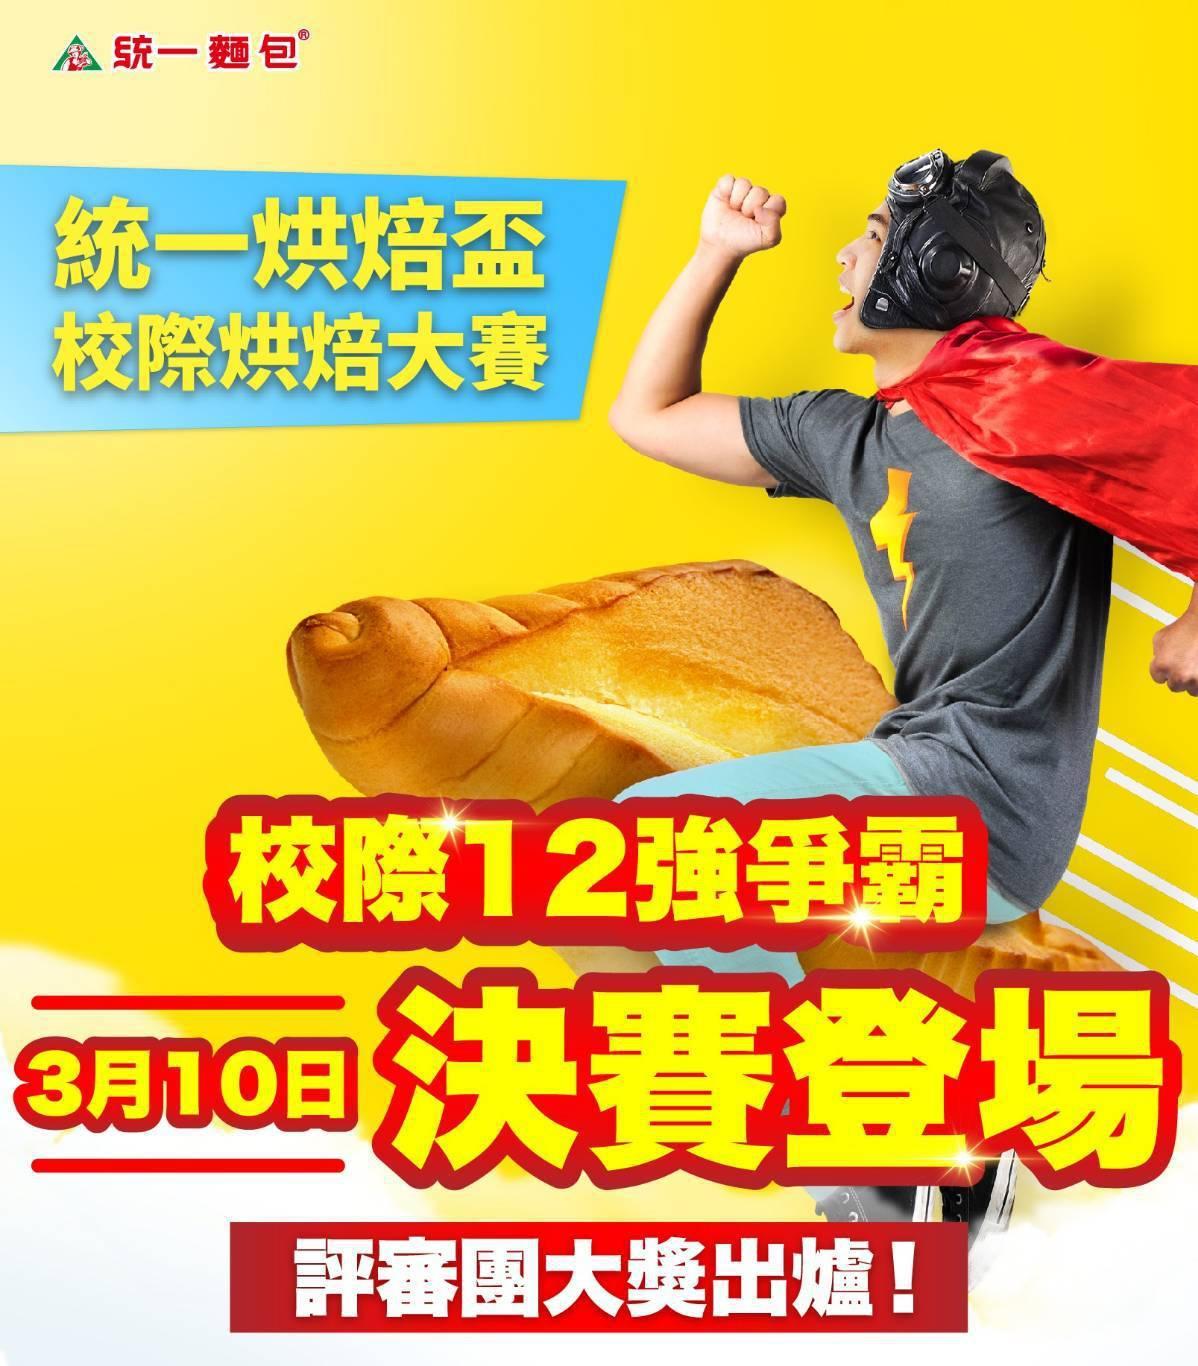 統一麵包主辦的第一屆「統一烘焙盃全國校際烘焙大賽」「校際12強」出爐。圖/統一企...